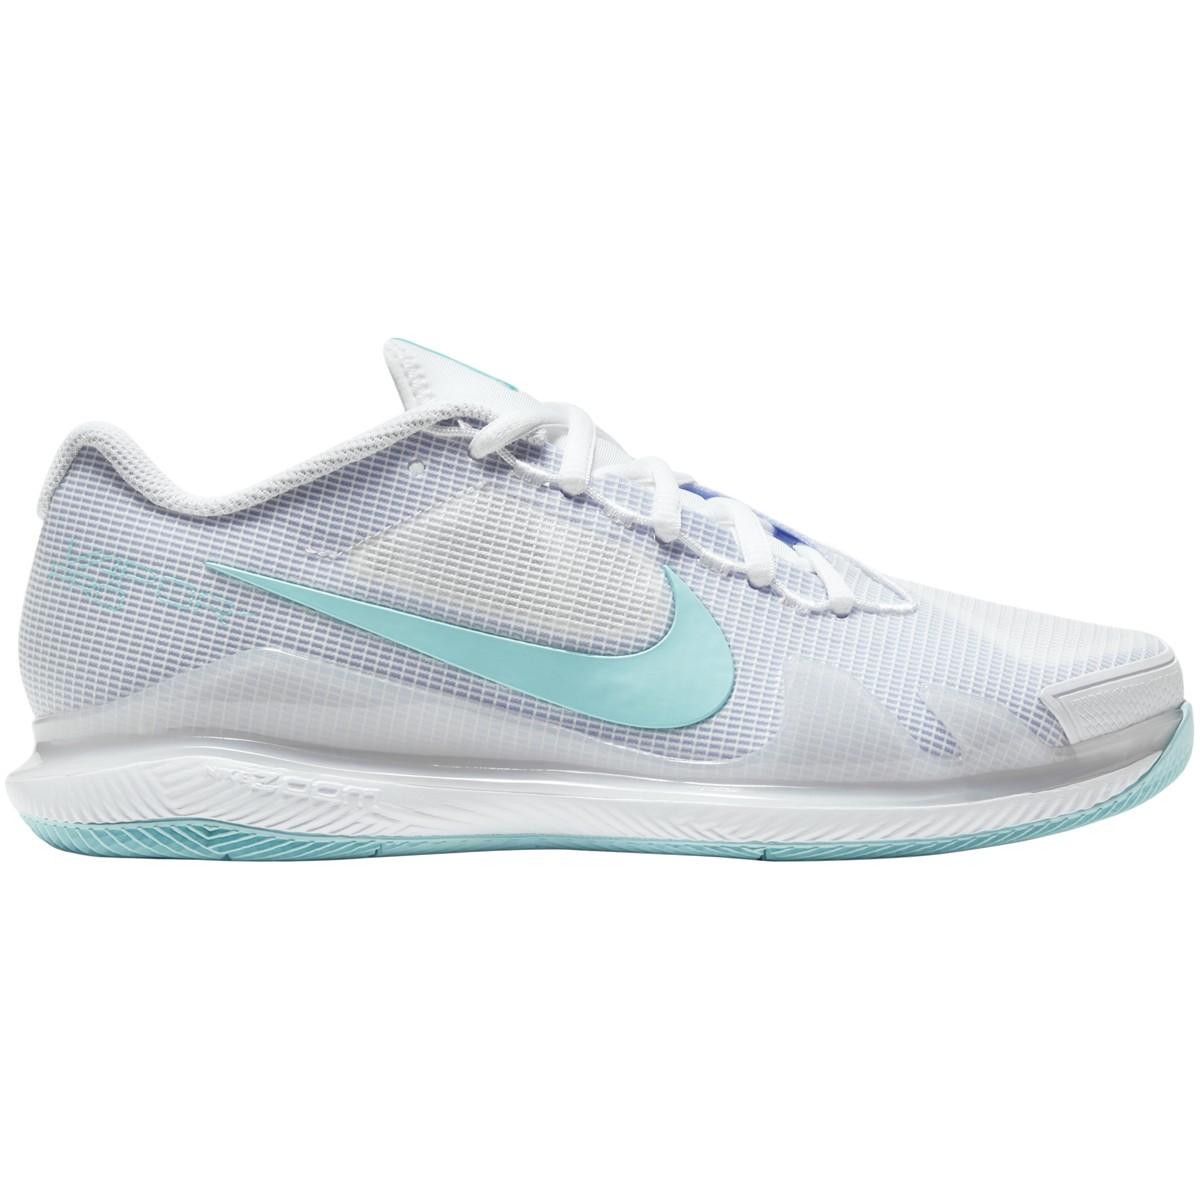 Chaussures Nike Femme Air Zoom Vapor Pro Toutes Surfaces ...